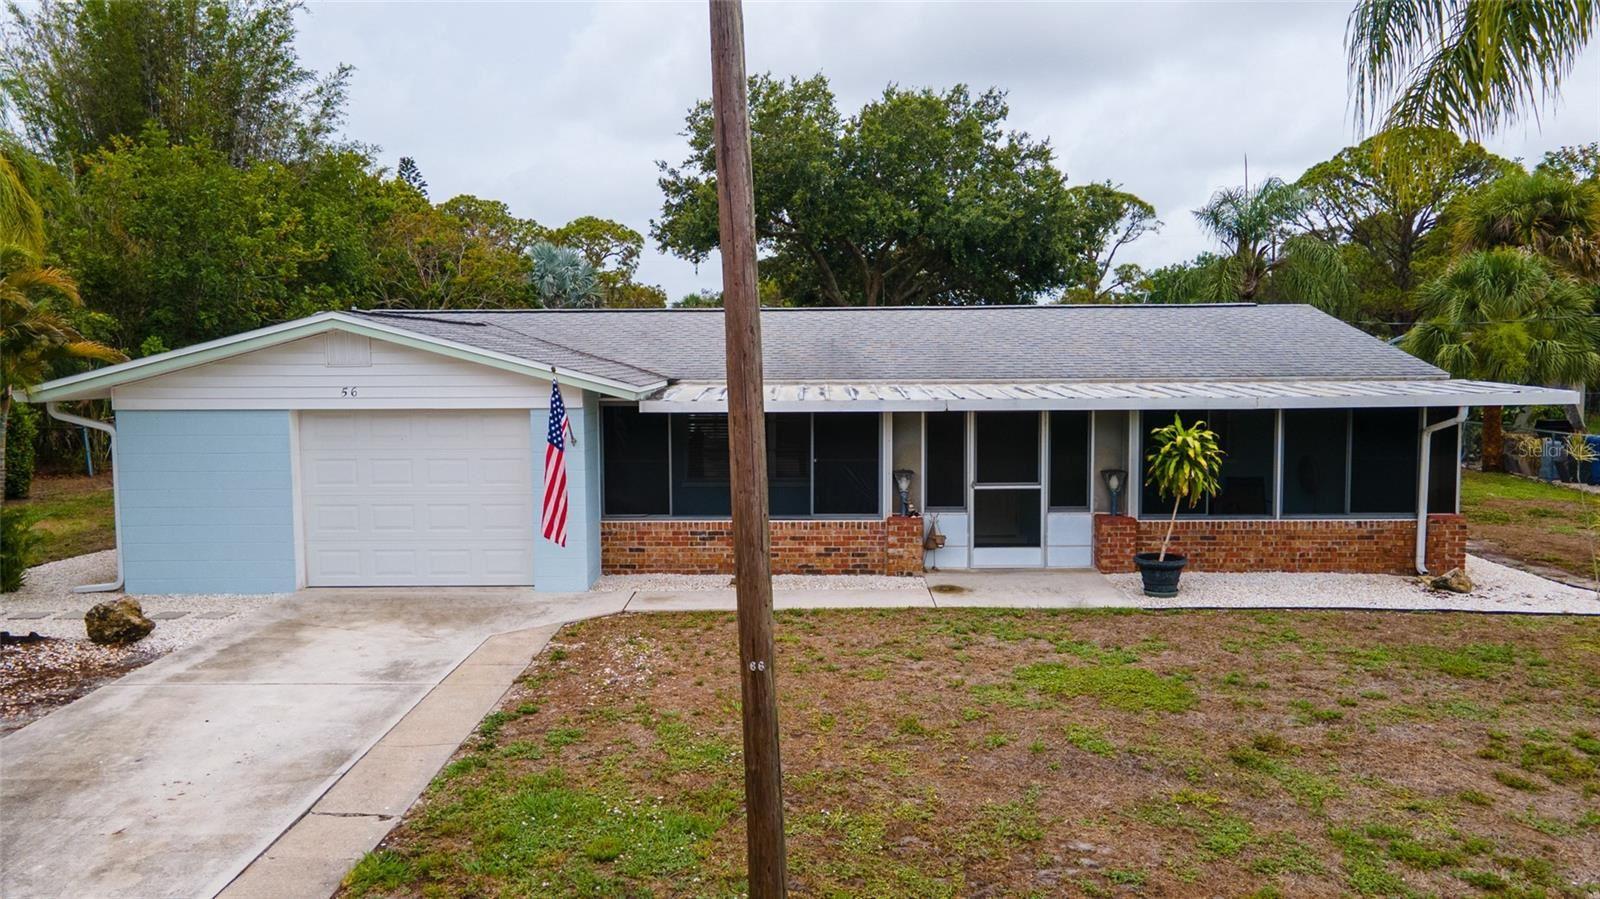 56 WARREN AVENUE, ENGLEWOOD, FL 34223 (MLS # D6119525)